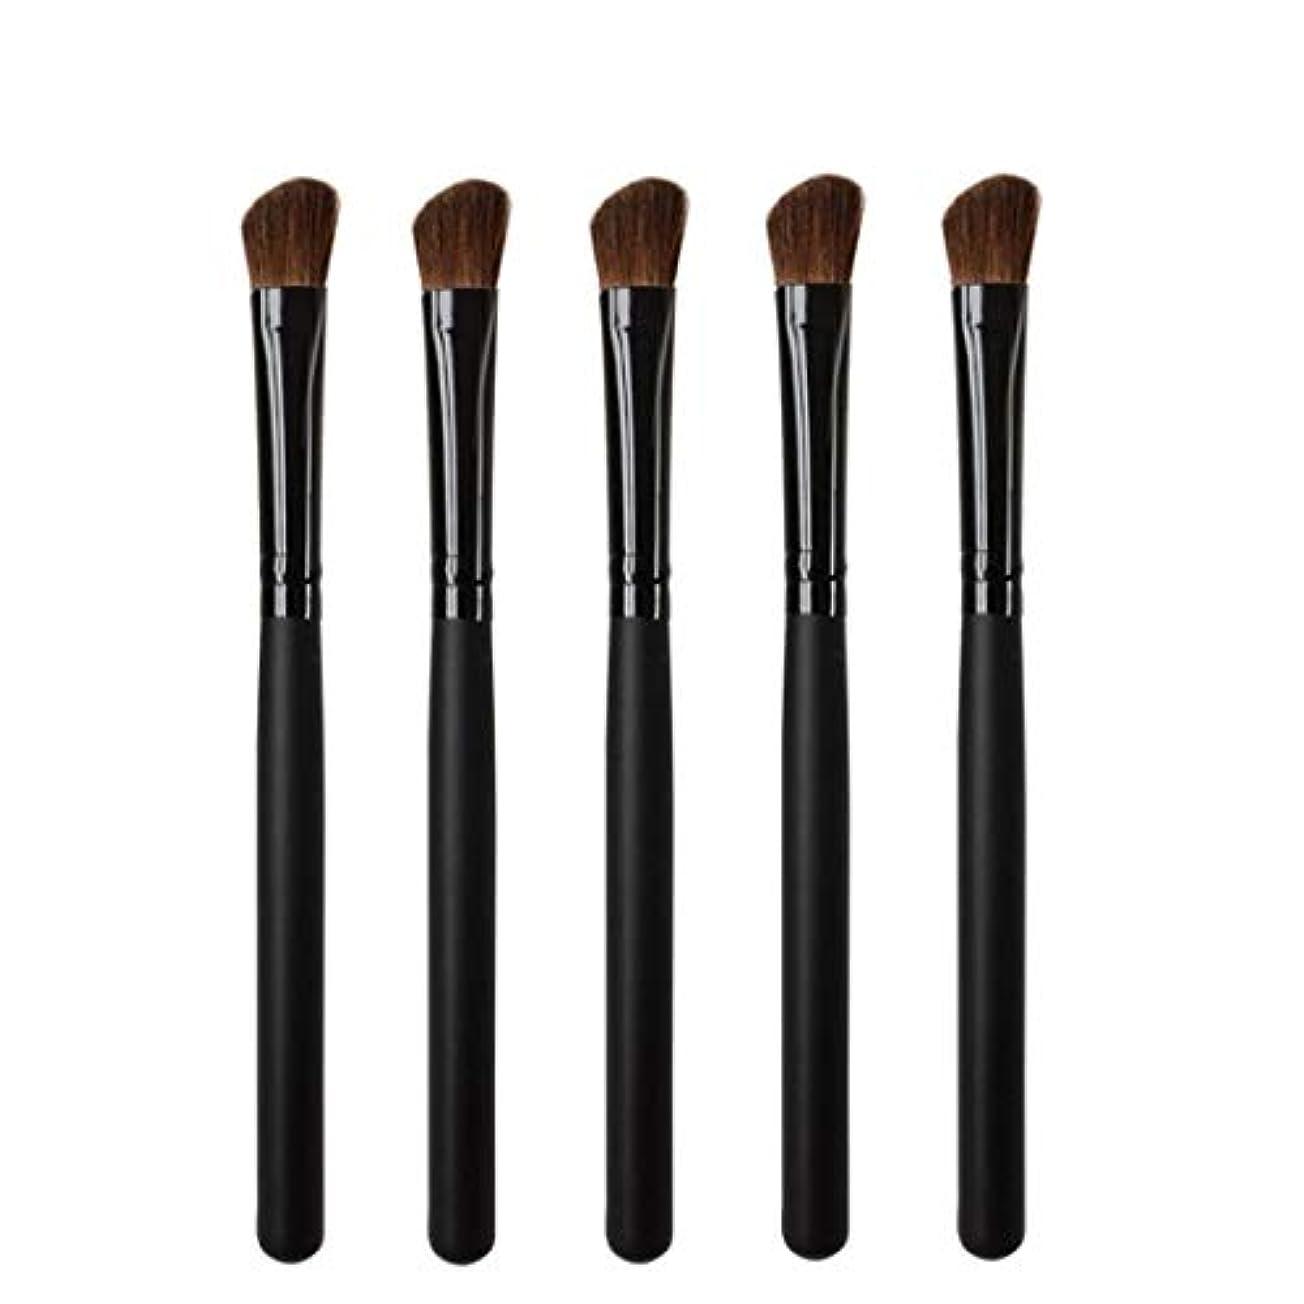 枕ピンチ圧縮するMakeup brushes 5リズムヘッド、持ち運びに快適な木製ハンドル、プロのアイシャドウ化粧道具 suits (Color : Black)